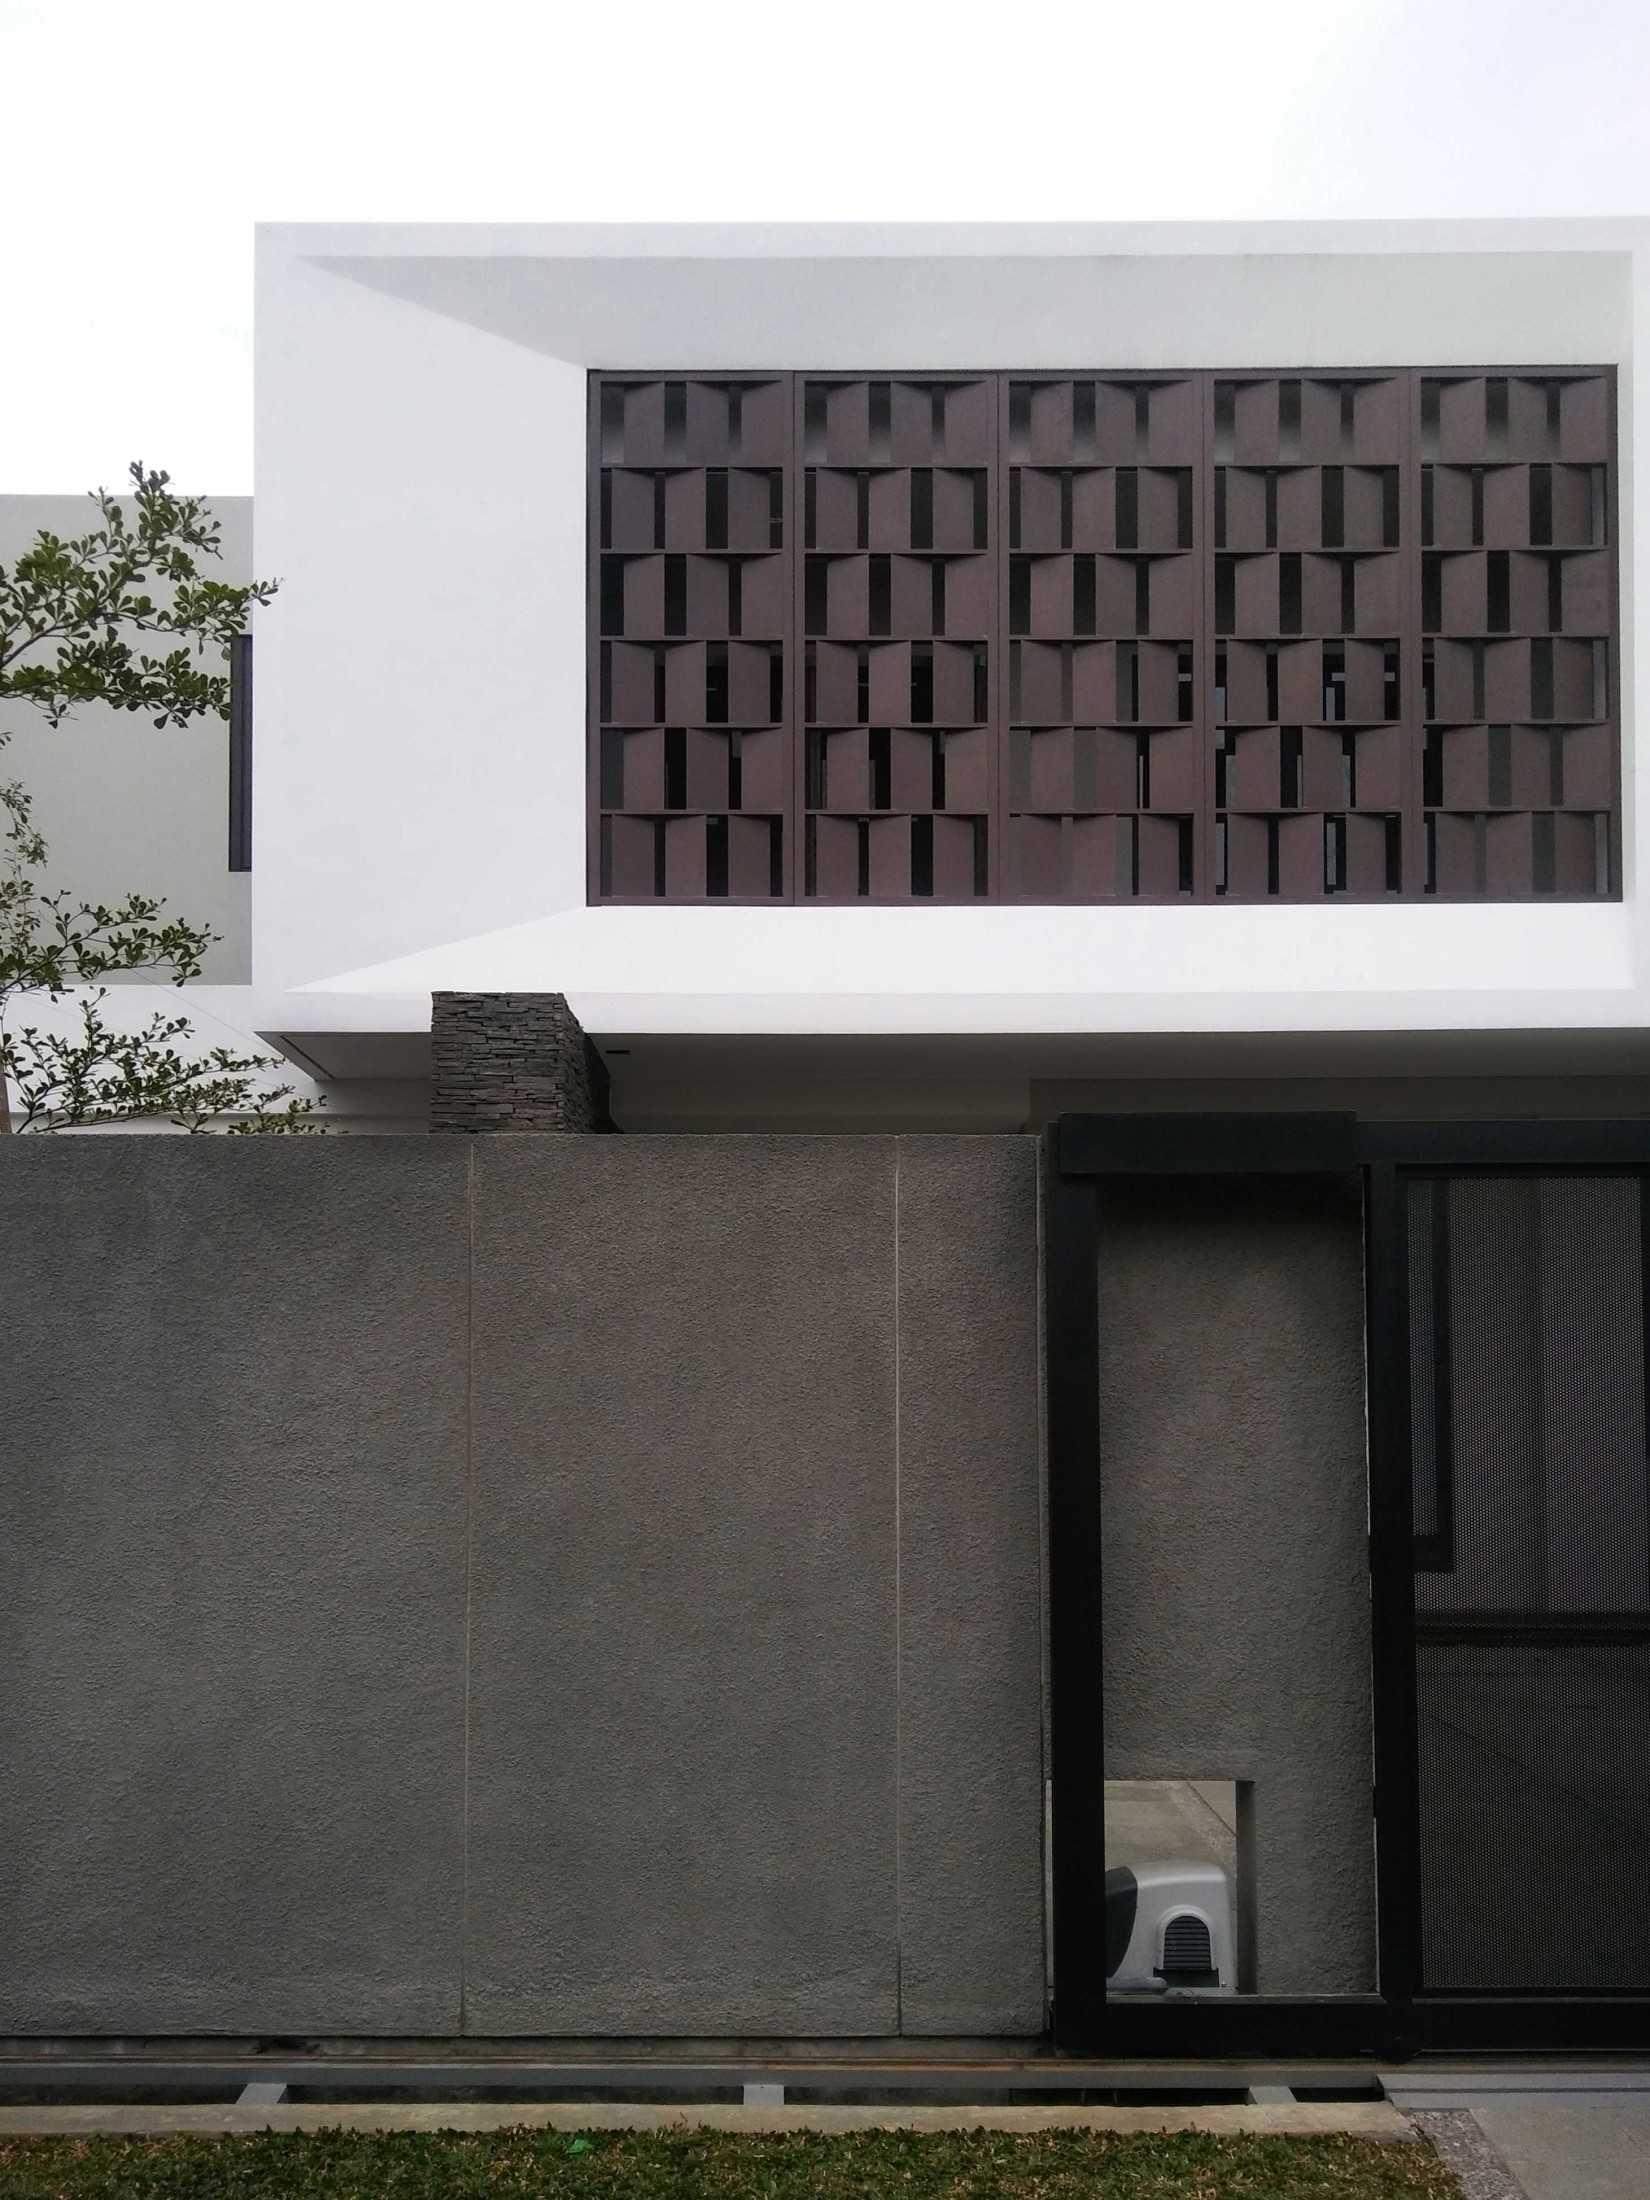 Atelier Ara Rumah Mekar Permai Bandung, Kota Bandung, Jawa Barat, Indonesia Bandung, Kota Bandung, Jawa Barat, Indonesia Atelier-Ara-Rumah-Mekar-Permai  68320